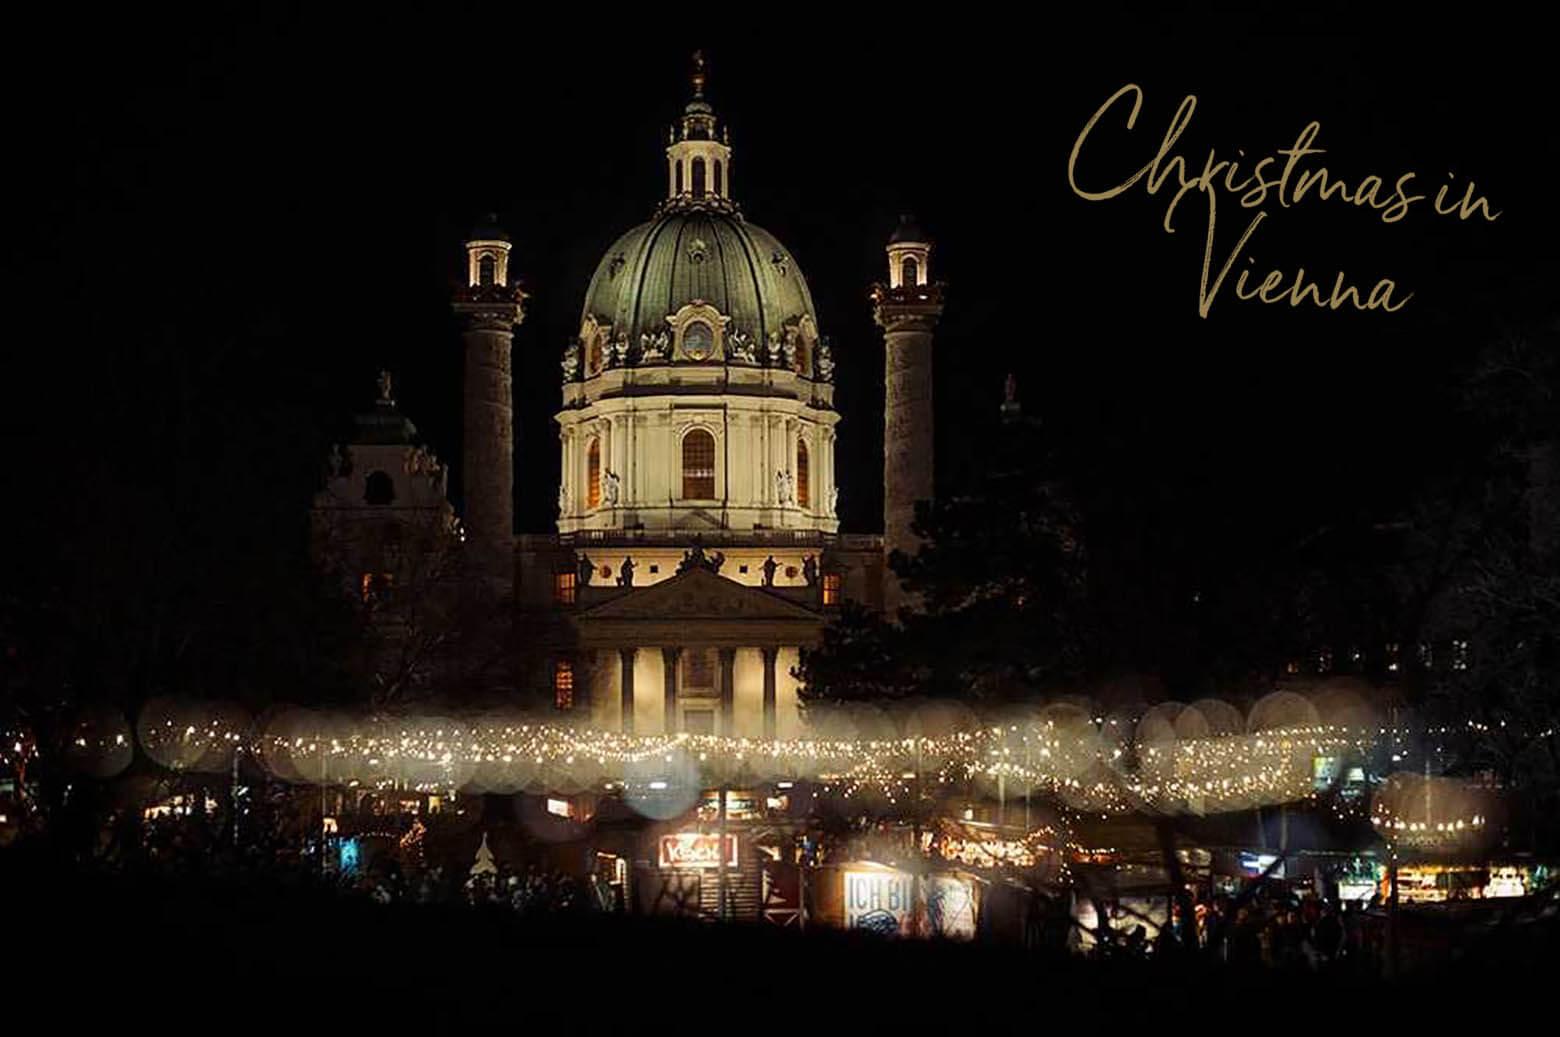 christmas in vienna, vienna, vienna photographer, ursula schmitz, karlskirche